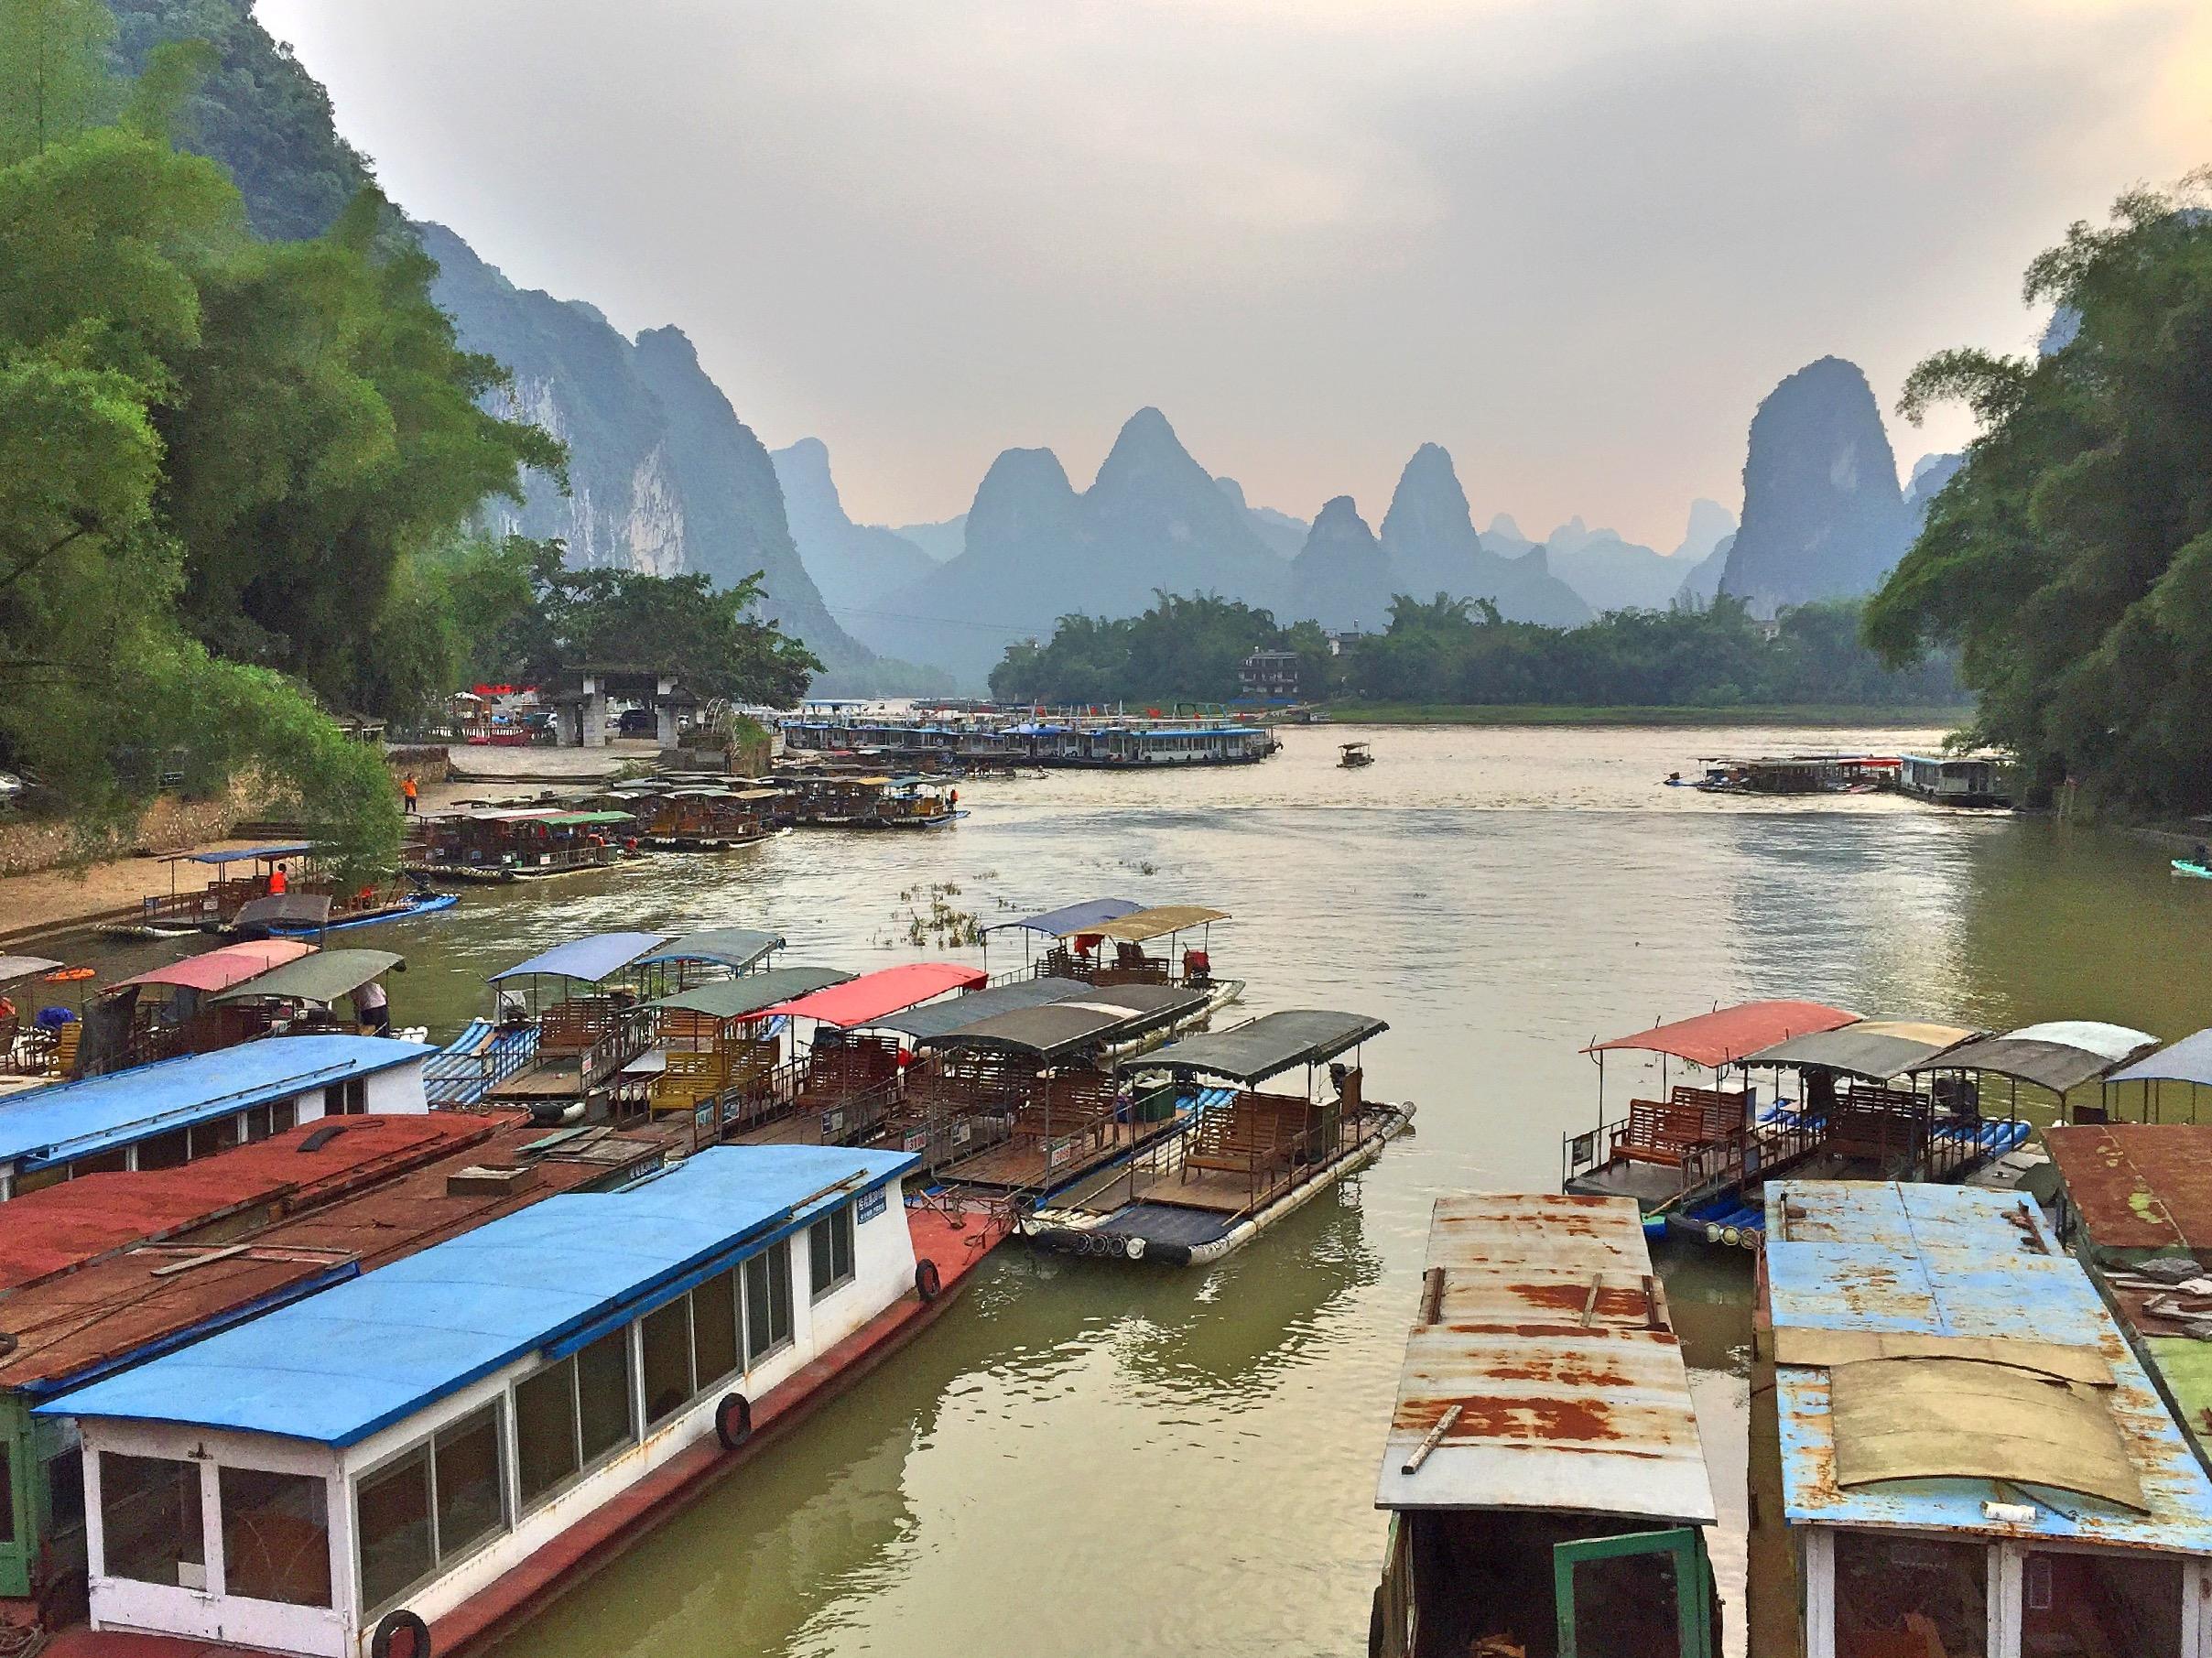 Boats Docked in Yangshuo, Guangxi, China